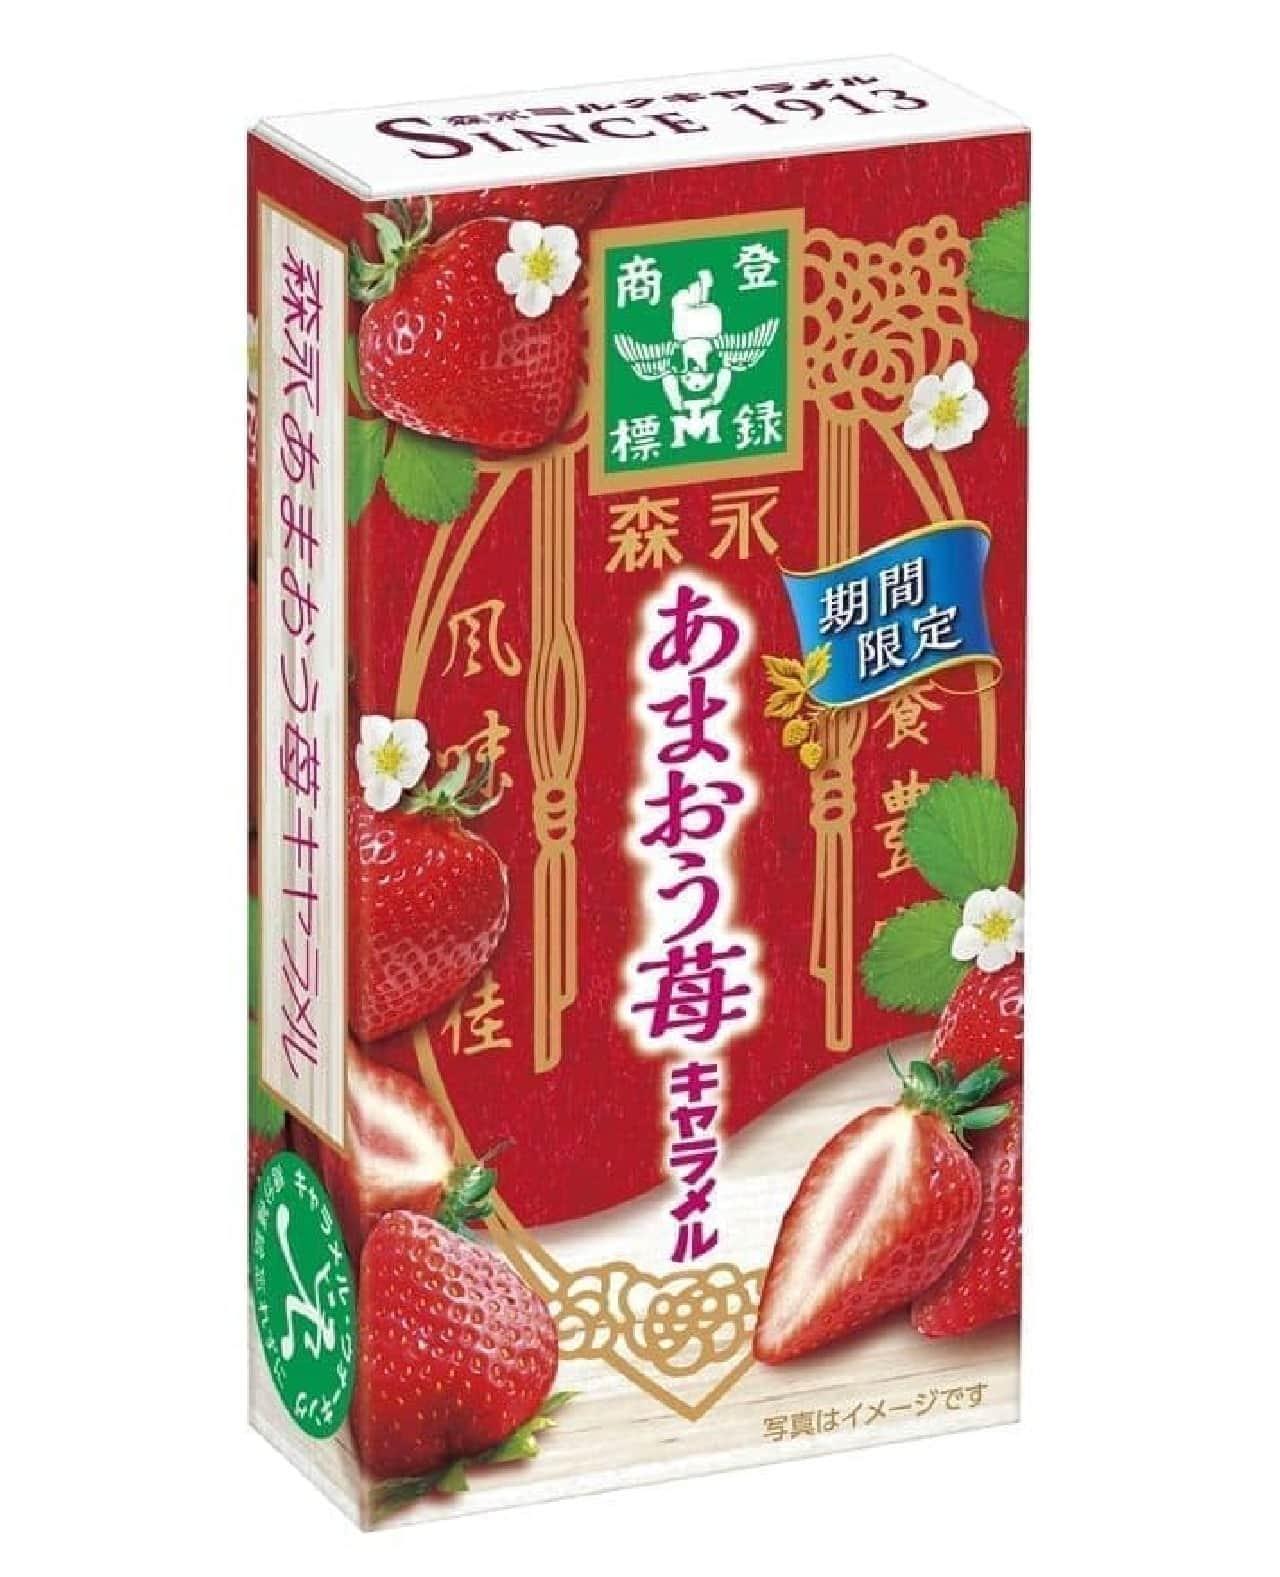 森永製菓「「あまおう苺キャラメル」